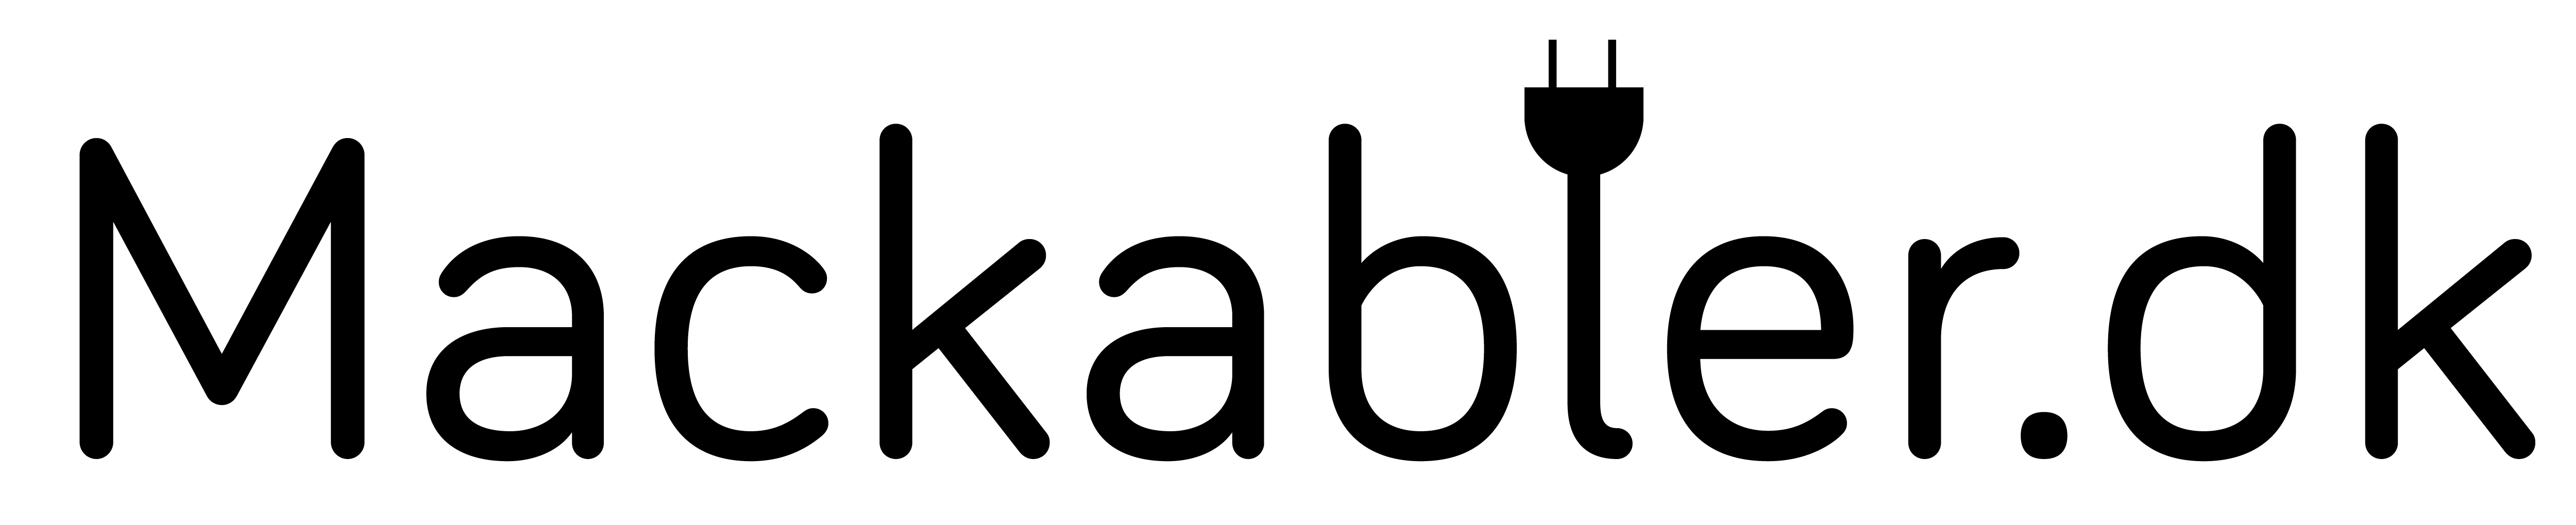 Mackabler